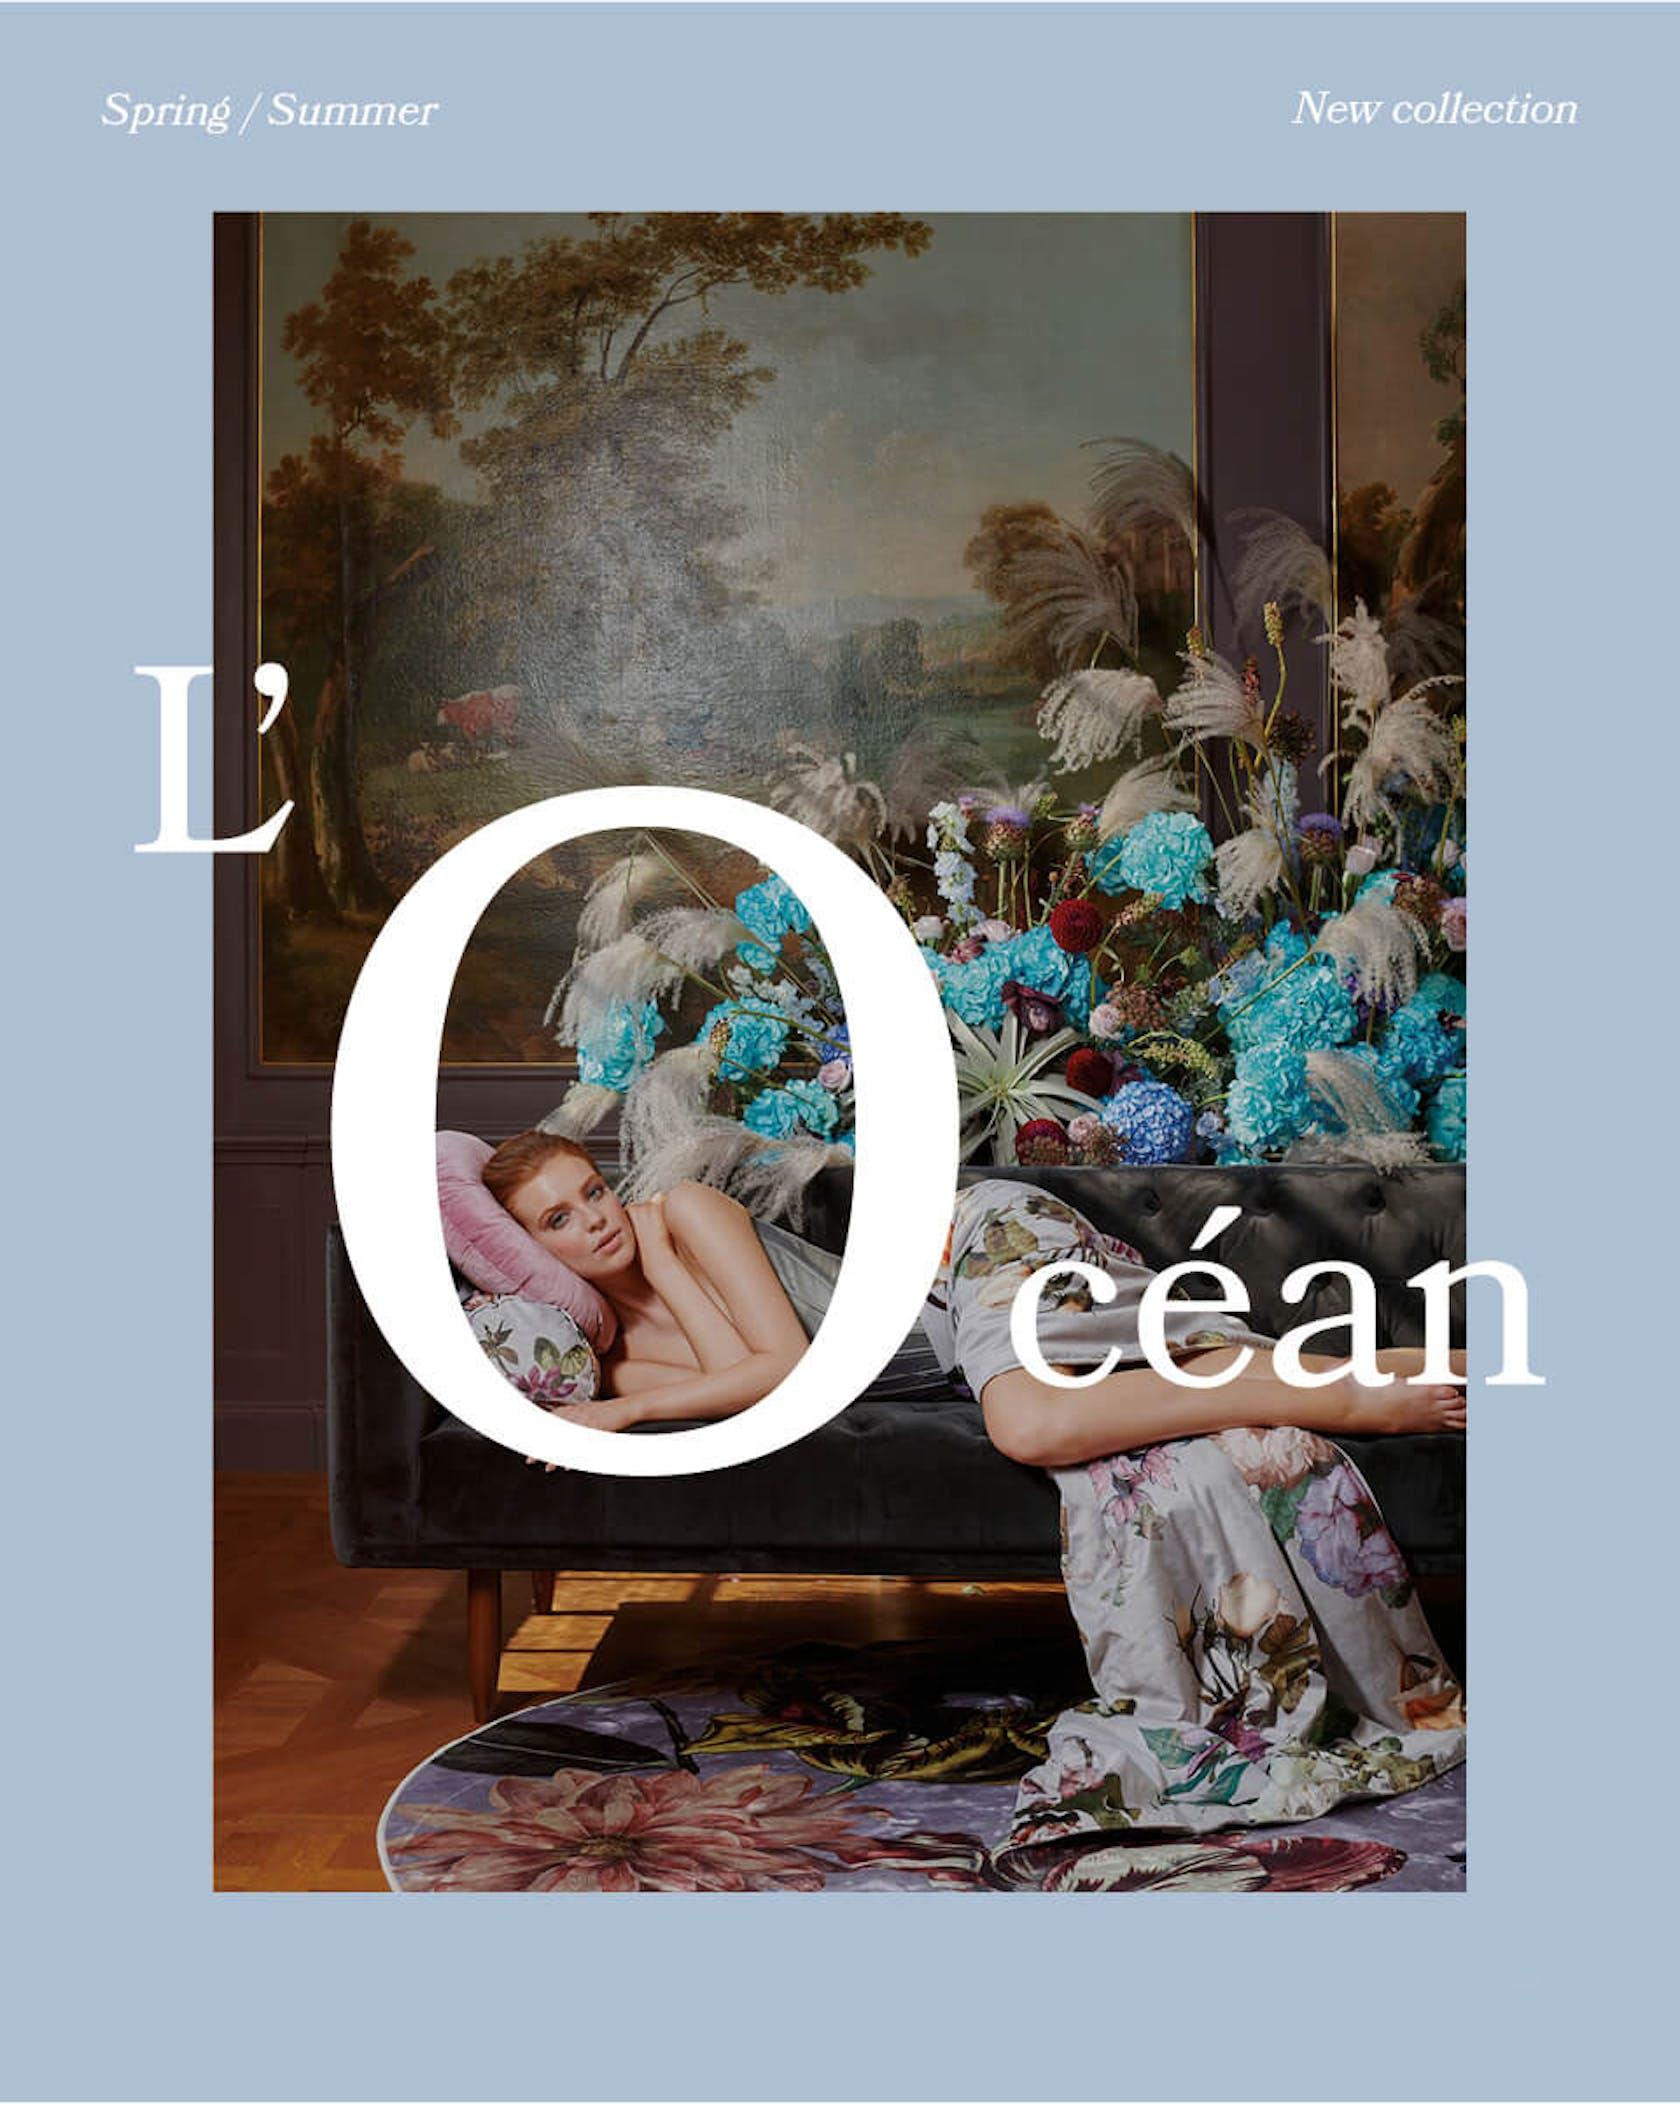 Chapter 1: L'Océan